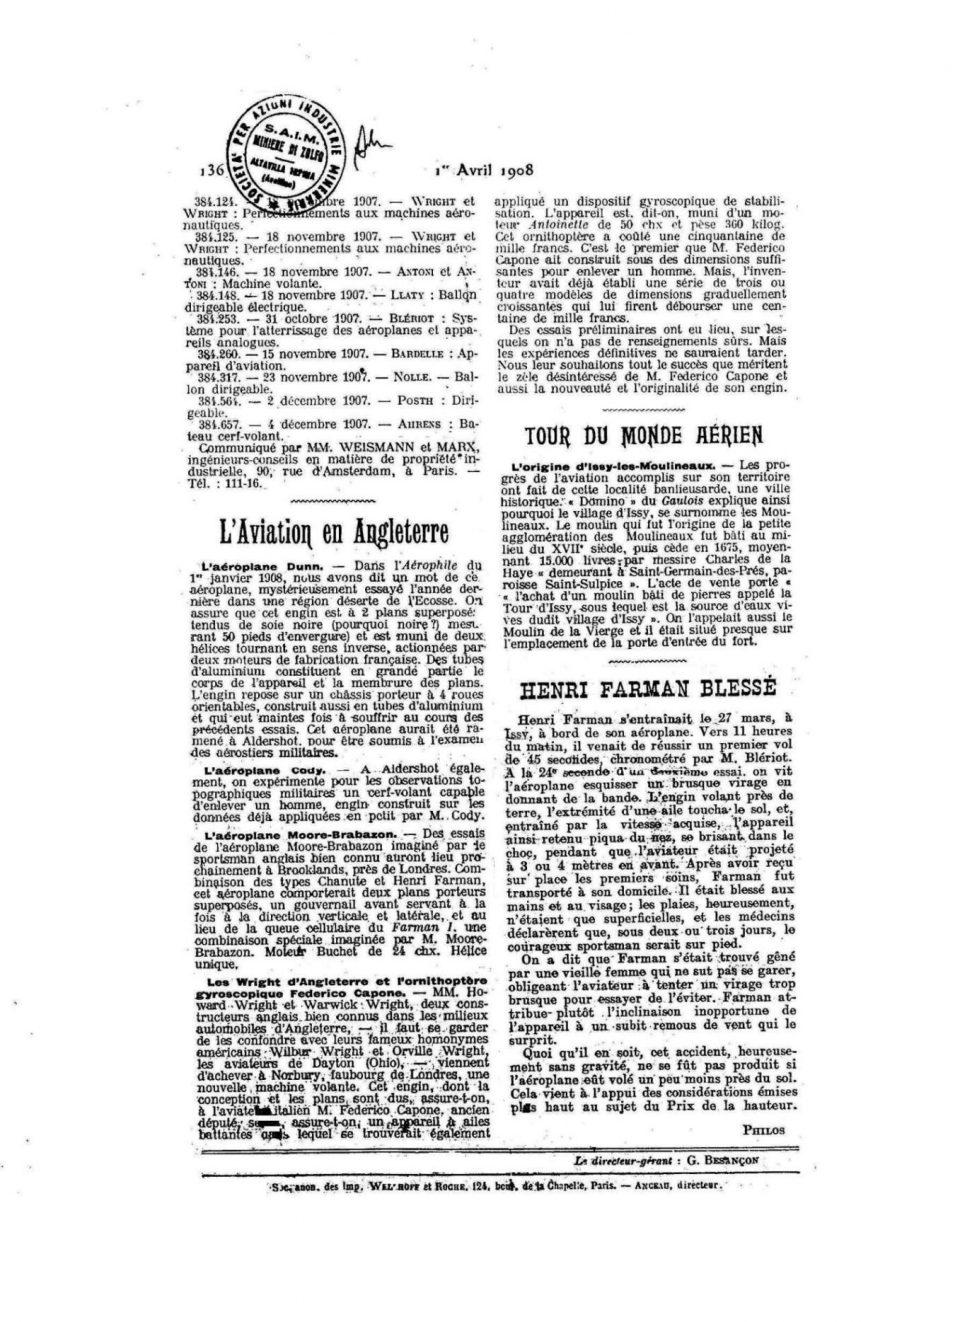 L'Aérophile - 1 Aprile 1908 - Pag.136